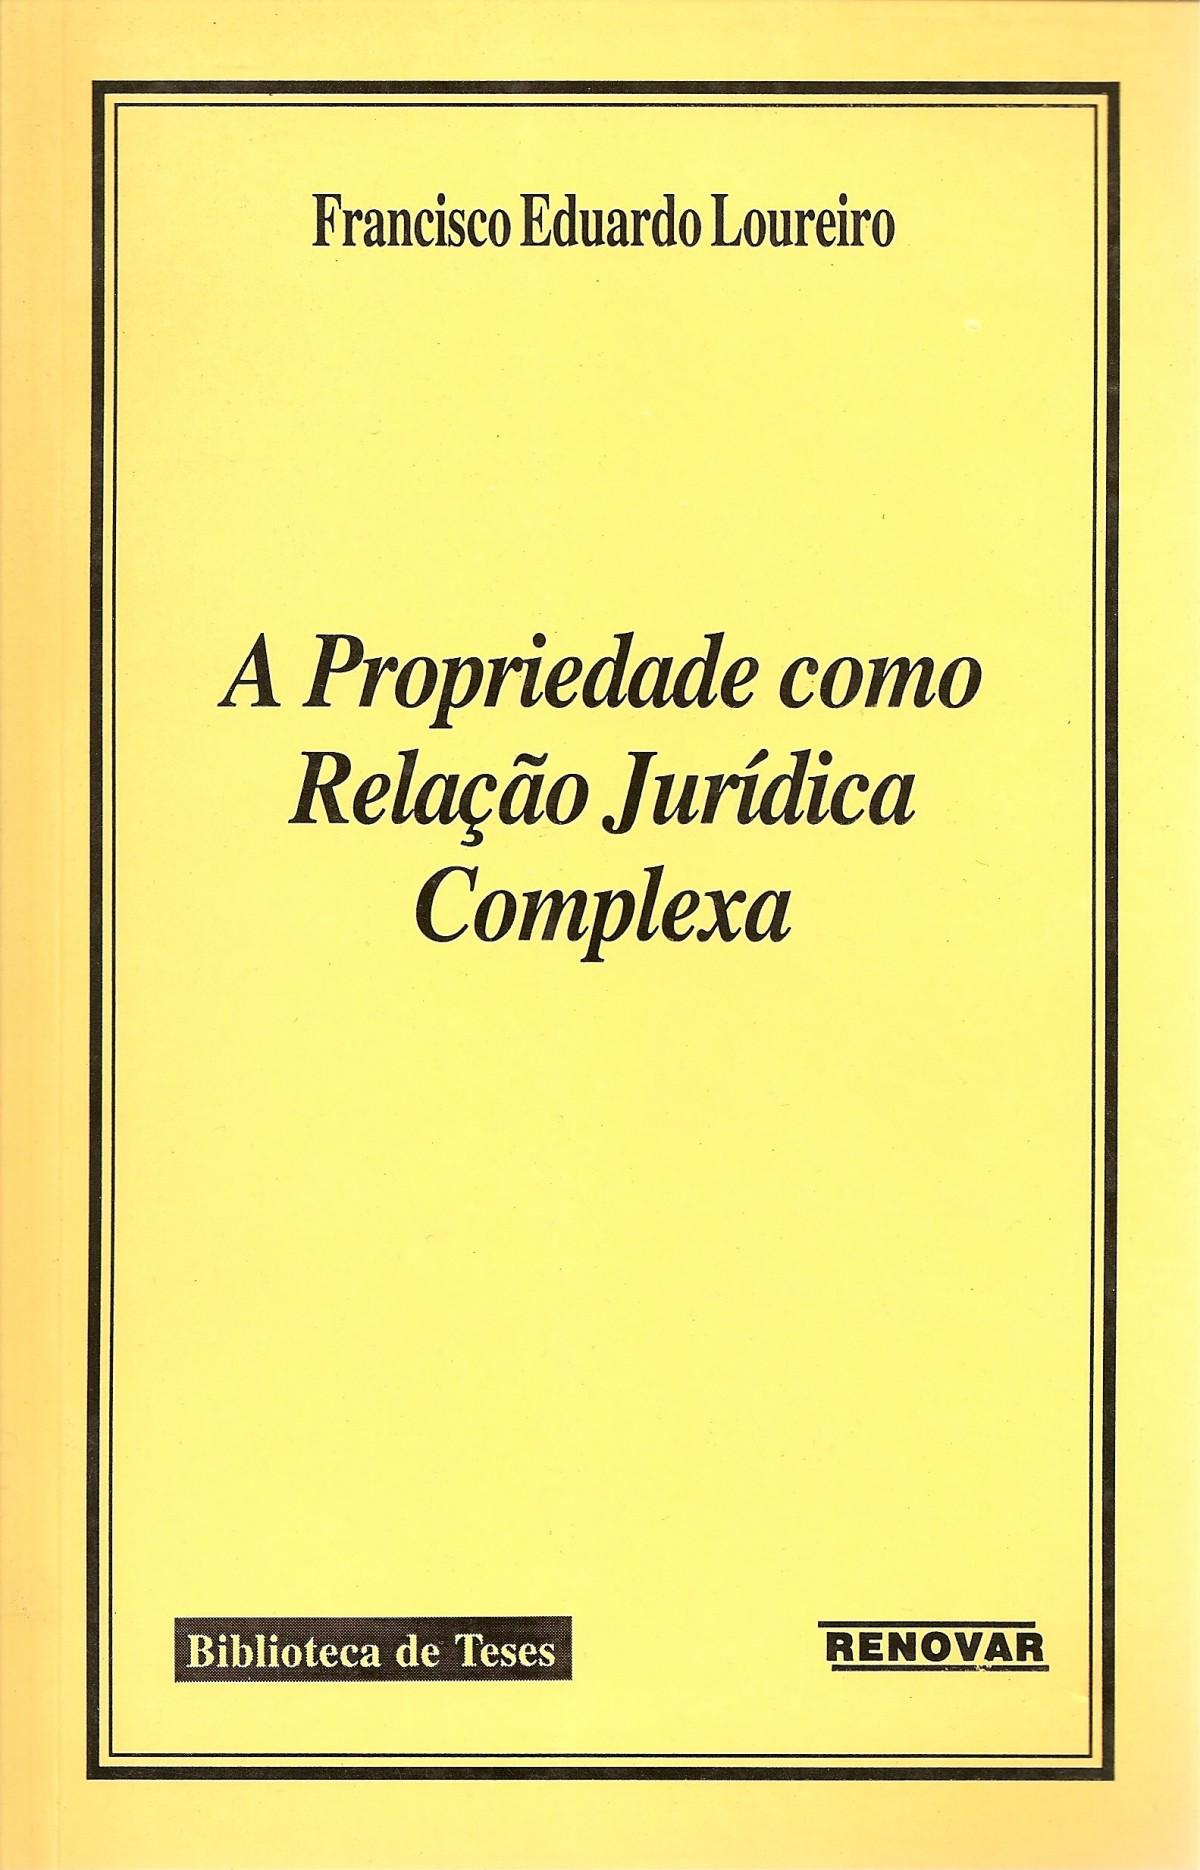 Foto 1 - A Propriedade como Relação Jurídica Complexa